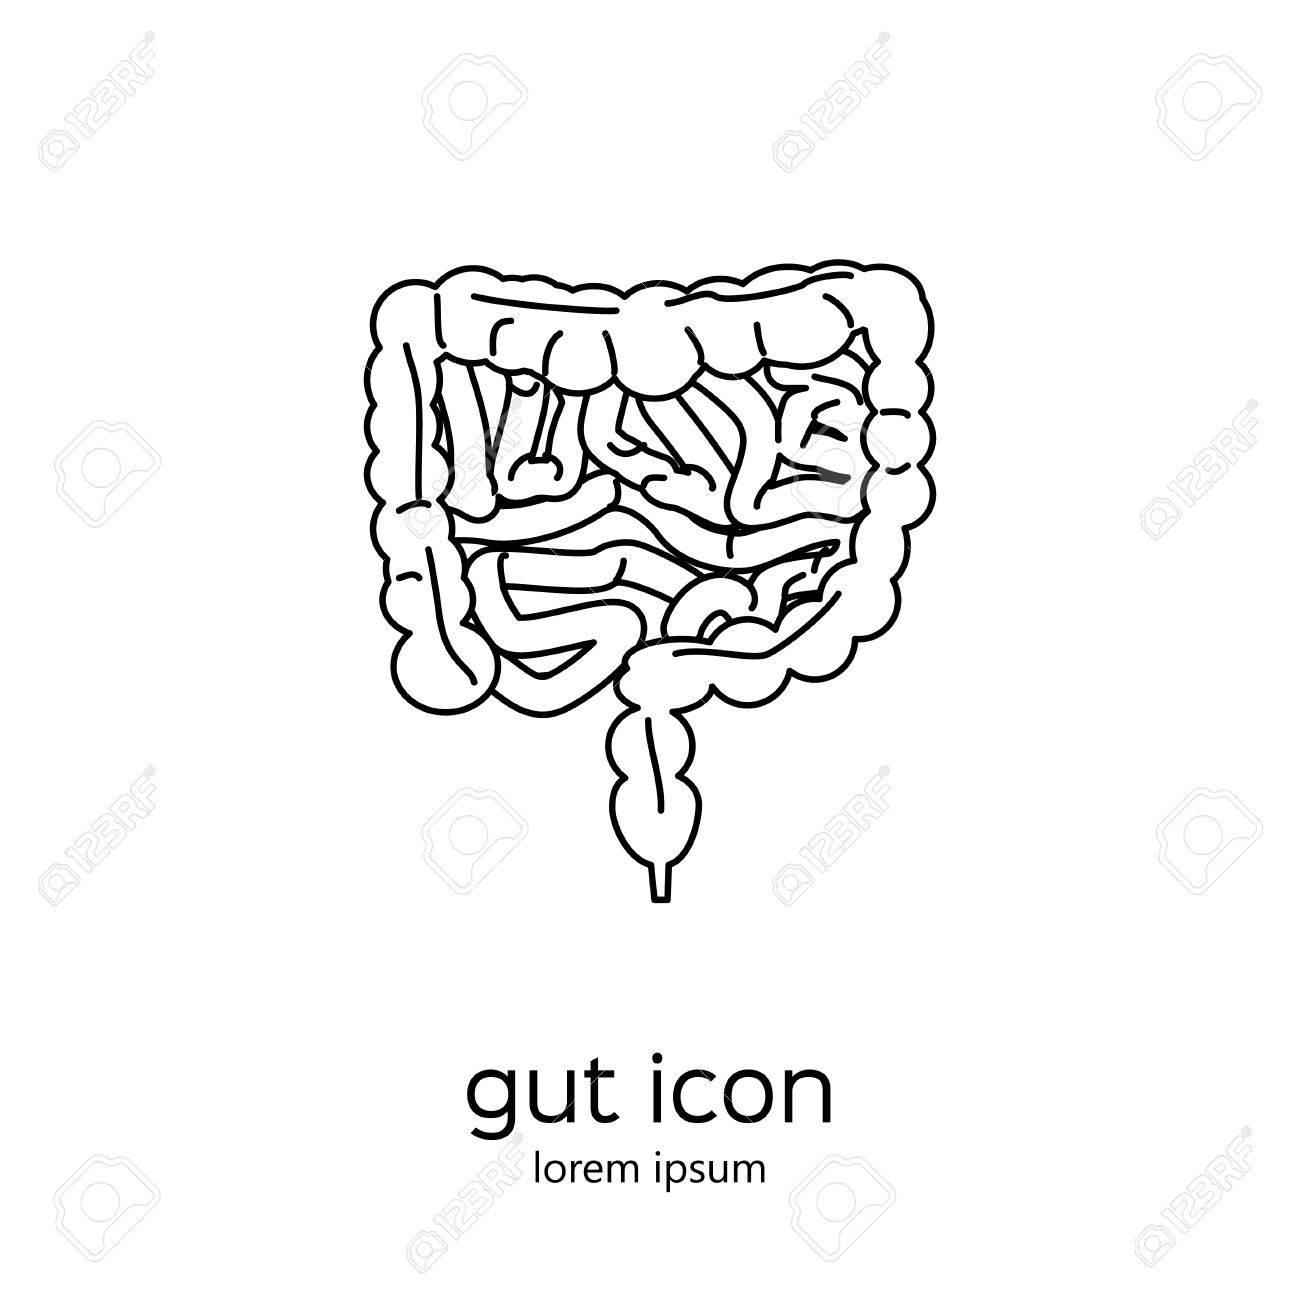 Gut sistema digestivo humano. Ilustración común del vector de los órganos internos icono en contorno negro sobre fondo blanco.